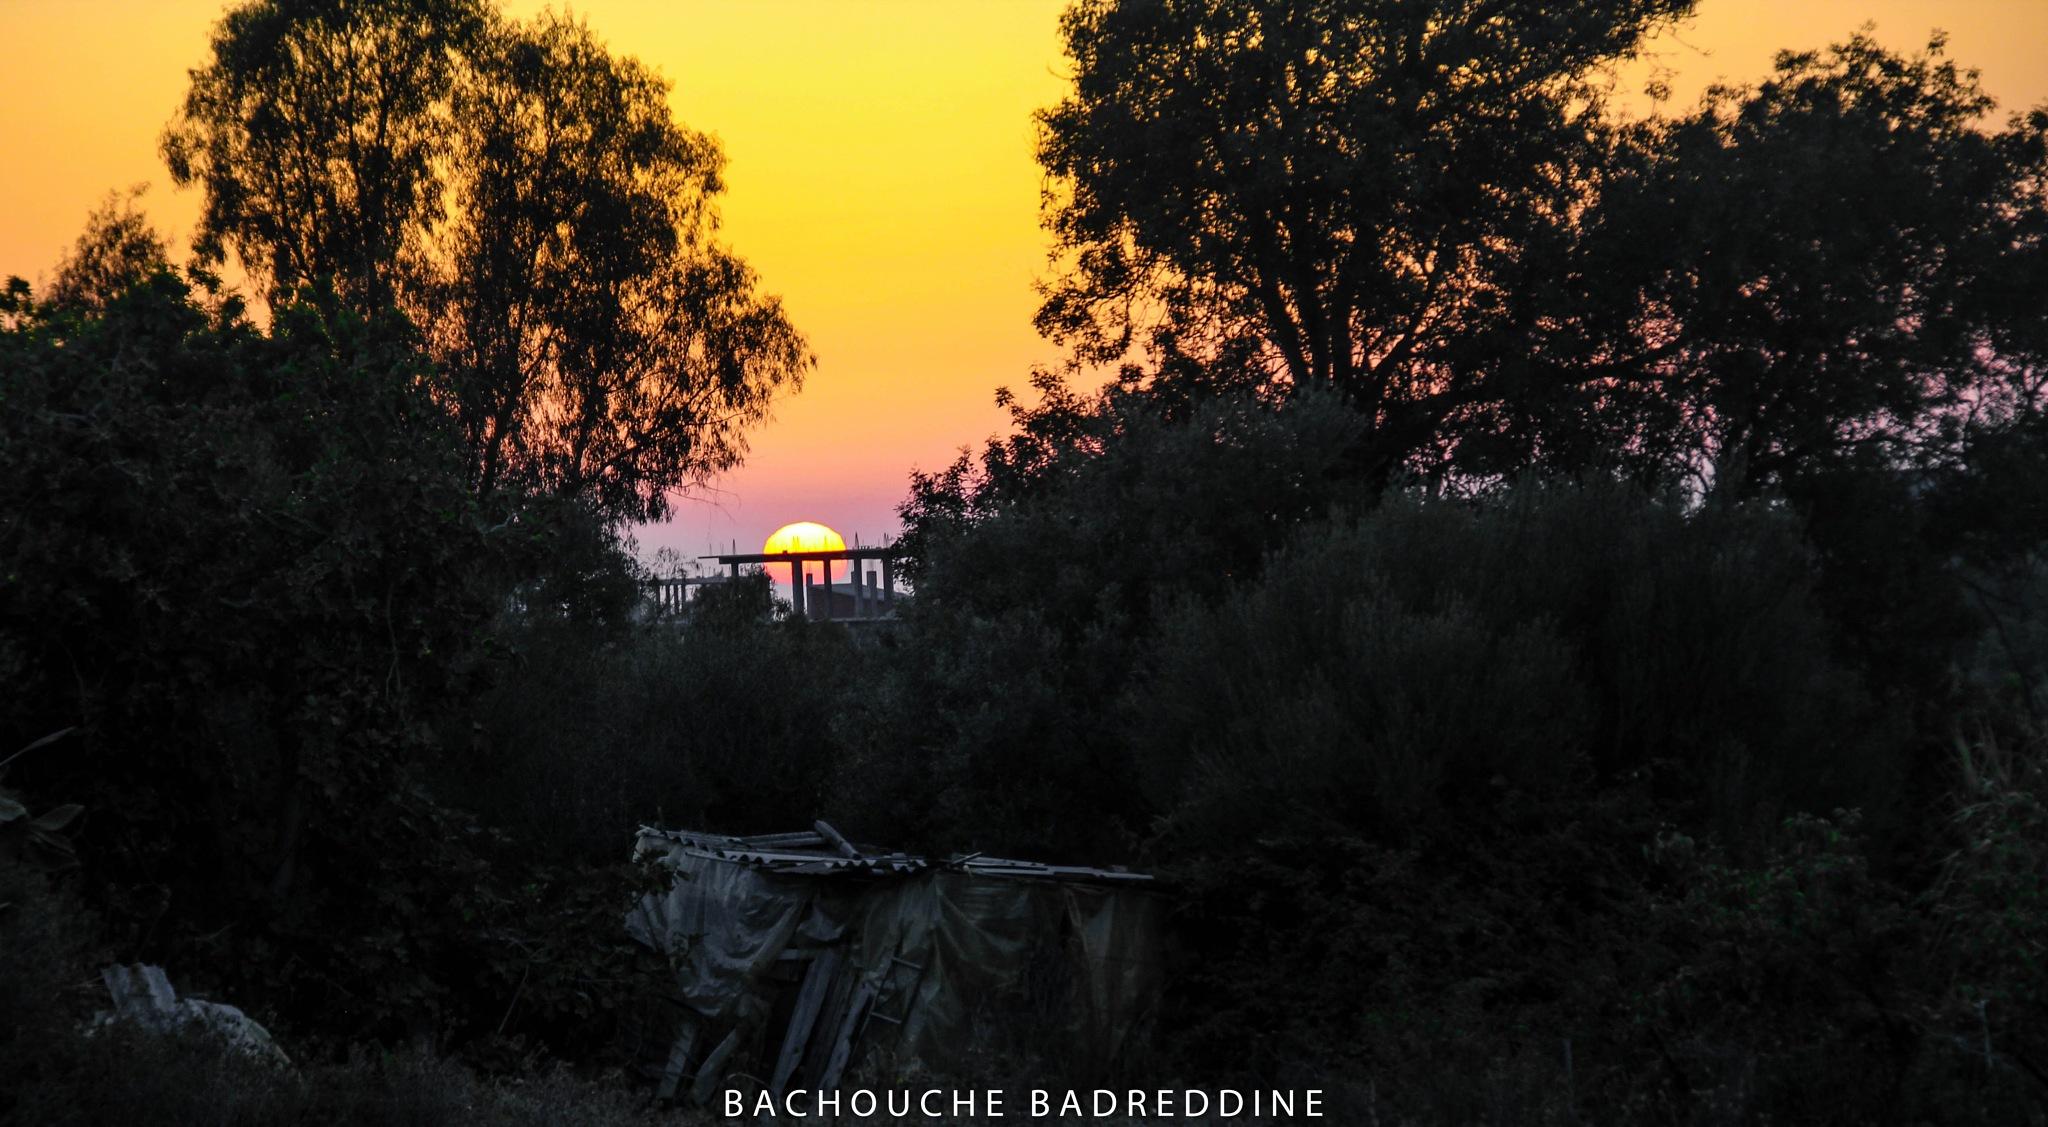 غروب الشمس  by Badreddine Bachouche